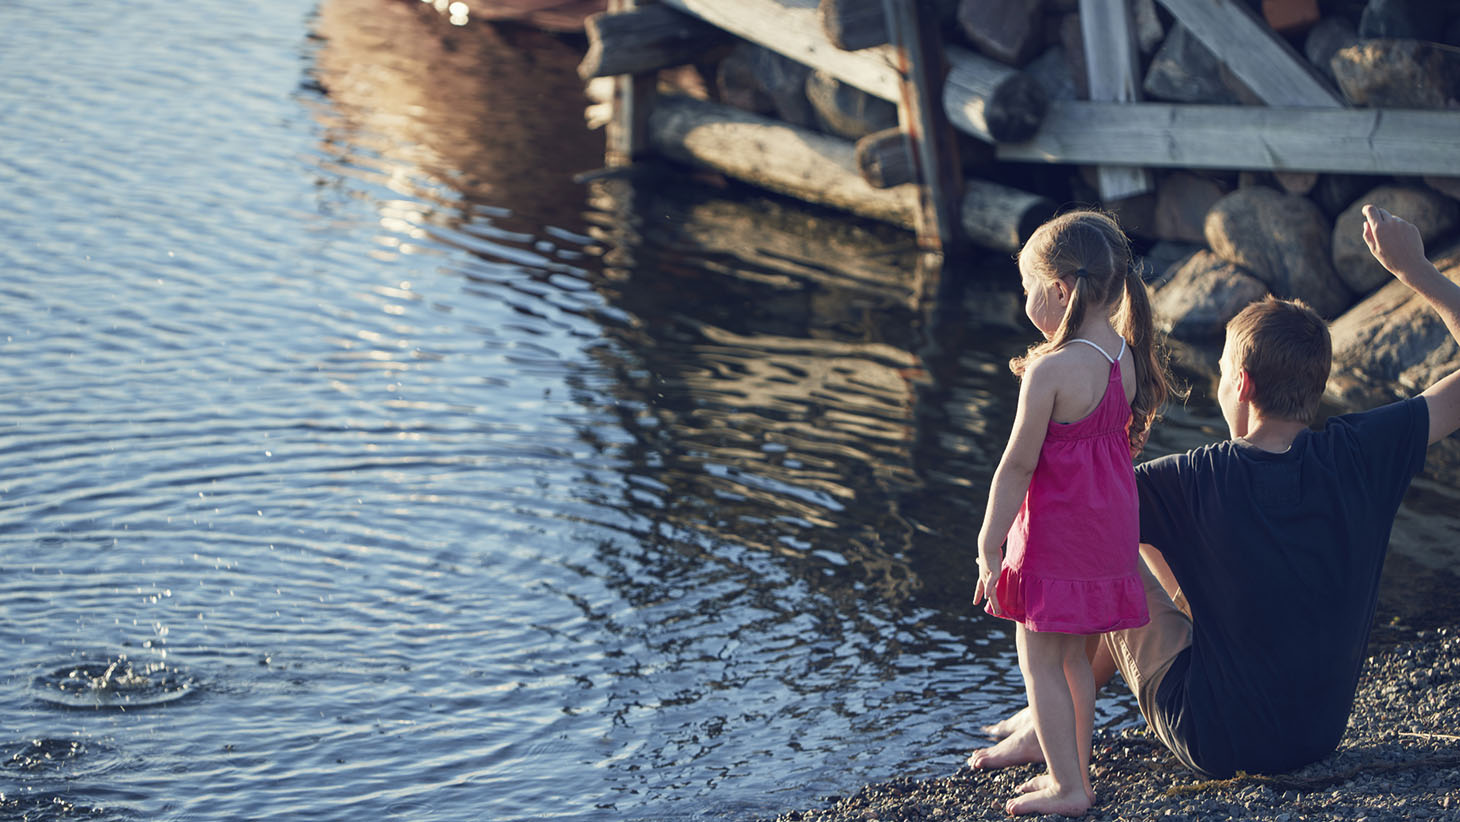 Pojke och flicka kastar sten i vatten vid foten av en brygga. Det är sommar.